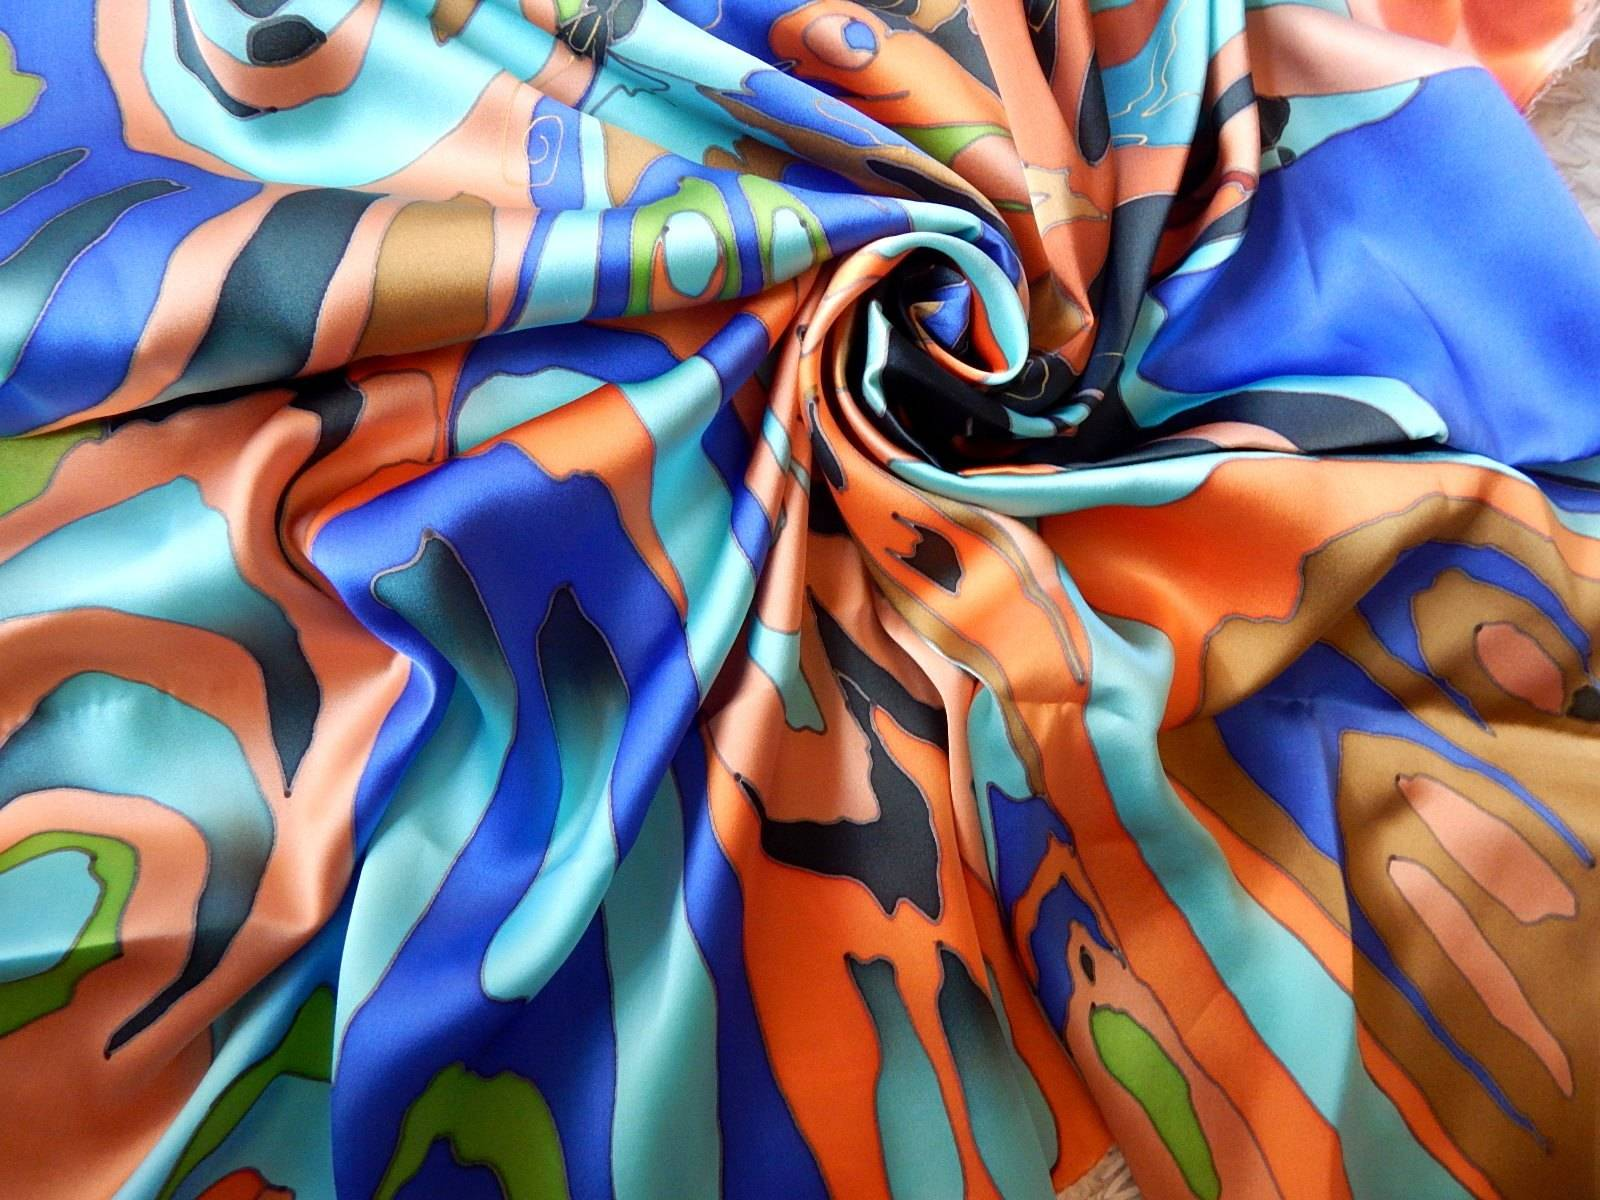 Стильный, яркий аксессуар выполнен из натурального шелка - атласа, расписанного вручную в технике холодного батика. Платок непременно подчеркнет Вашу женственность и сделает Ваш образ неповторимым!